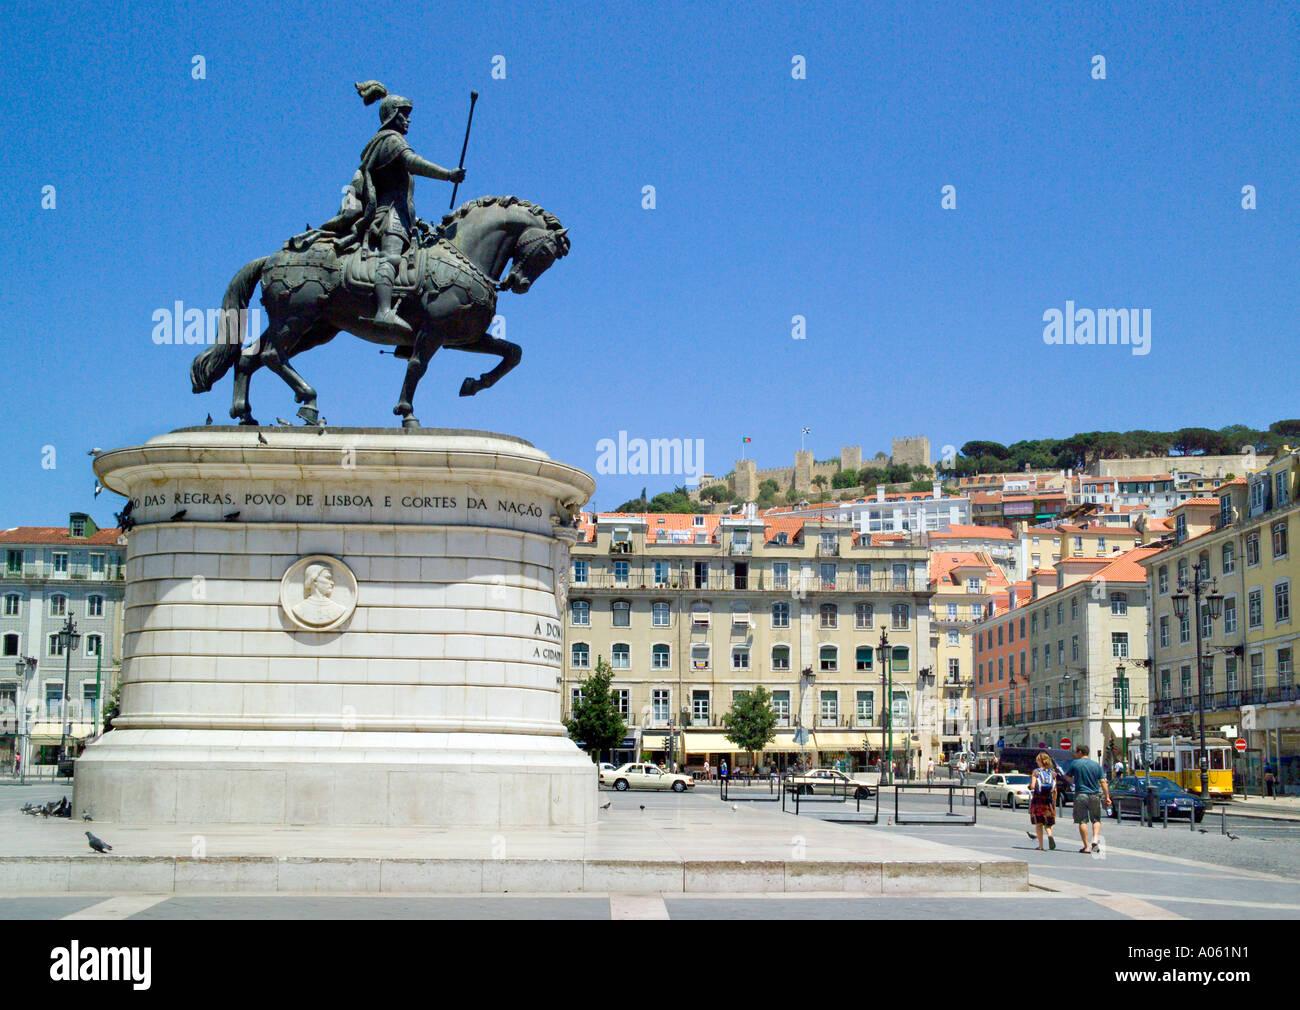 The equestrian statue of Dom Joao II in the Praca da Figueira square, central Lisbon, Portugal - Stock Image